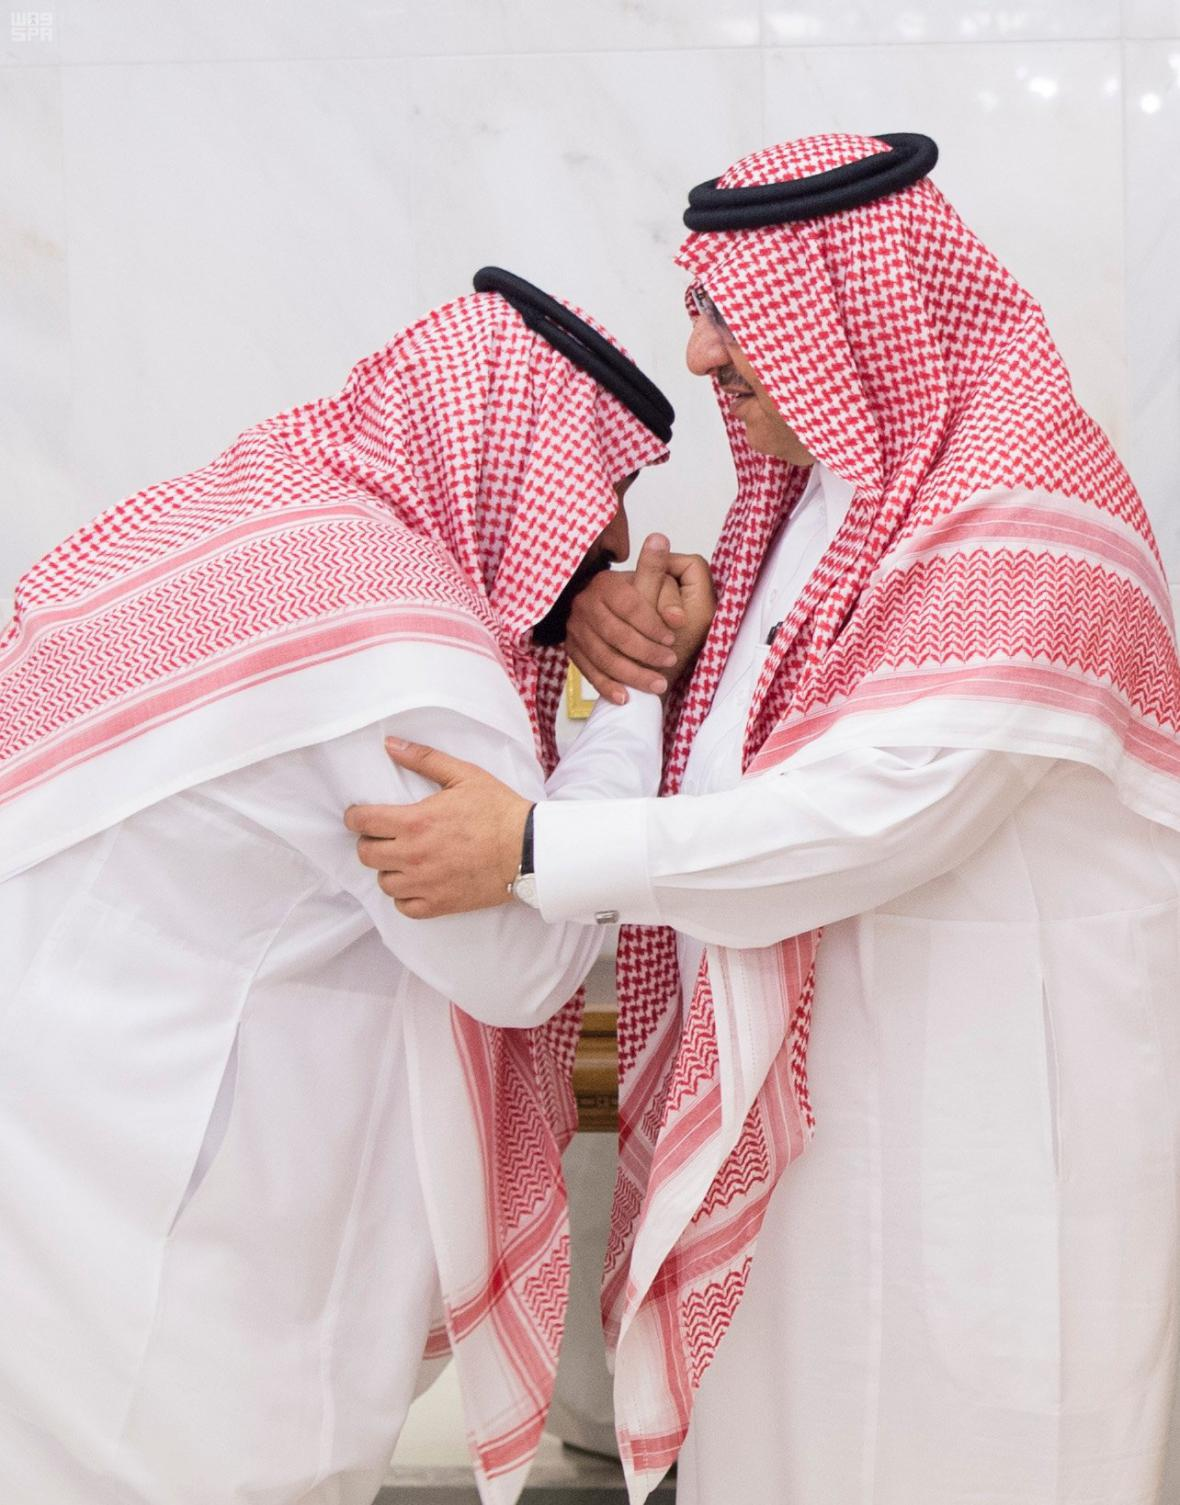 Předání následnictví mezi Muhammadem bin Najífem a Muhammadem bin Salmánem